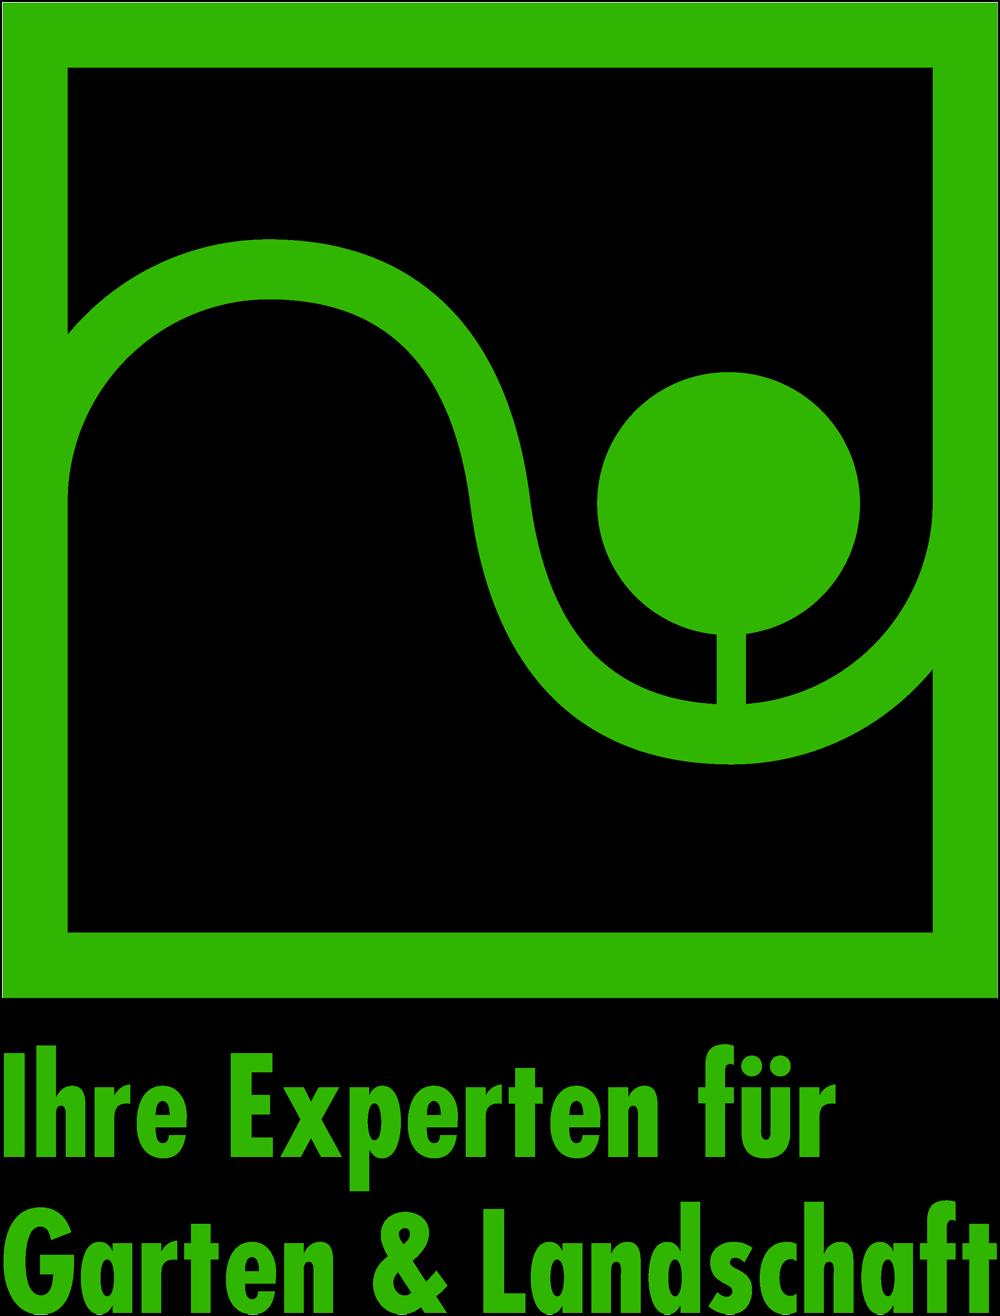 Gärtner (m/w/d) - Fachrichtung Garten- u. Landschaftsbau